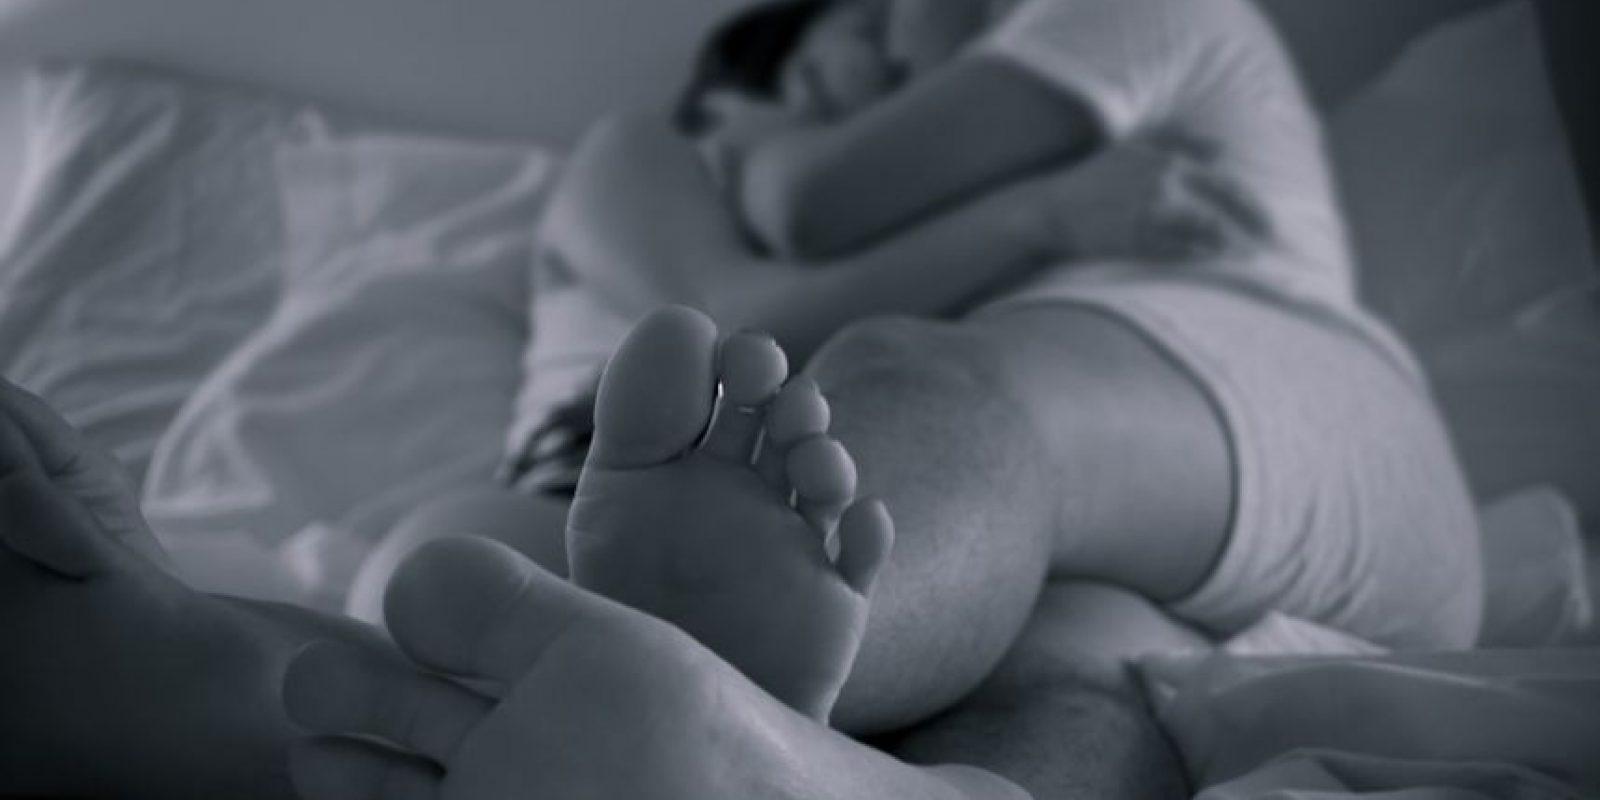 Se puede administrar por vía oral una hora antes de tener sexo Foto:Flickr – ANG SHERPA